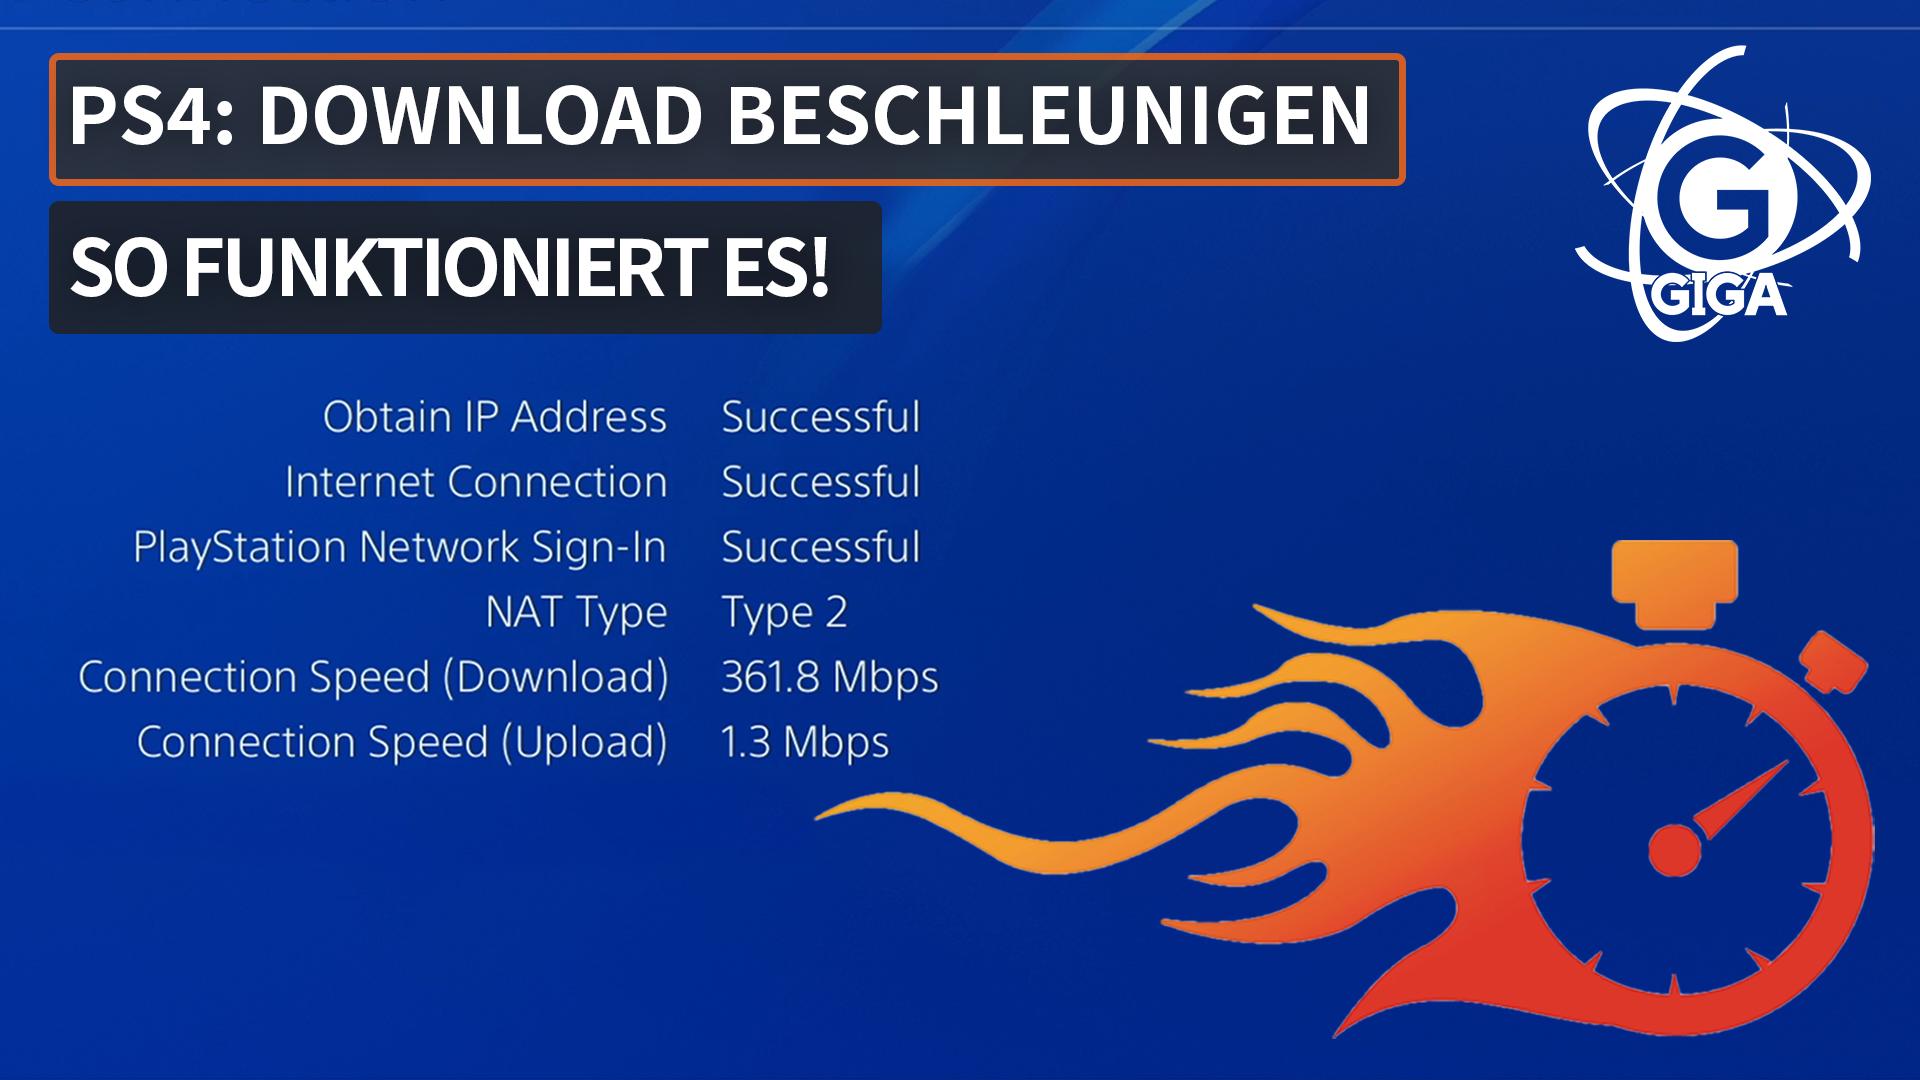 PlayStation 4: So könnt ihr die Downloads beschleunigen